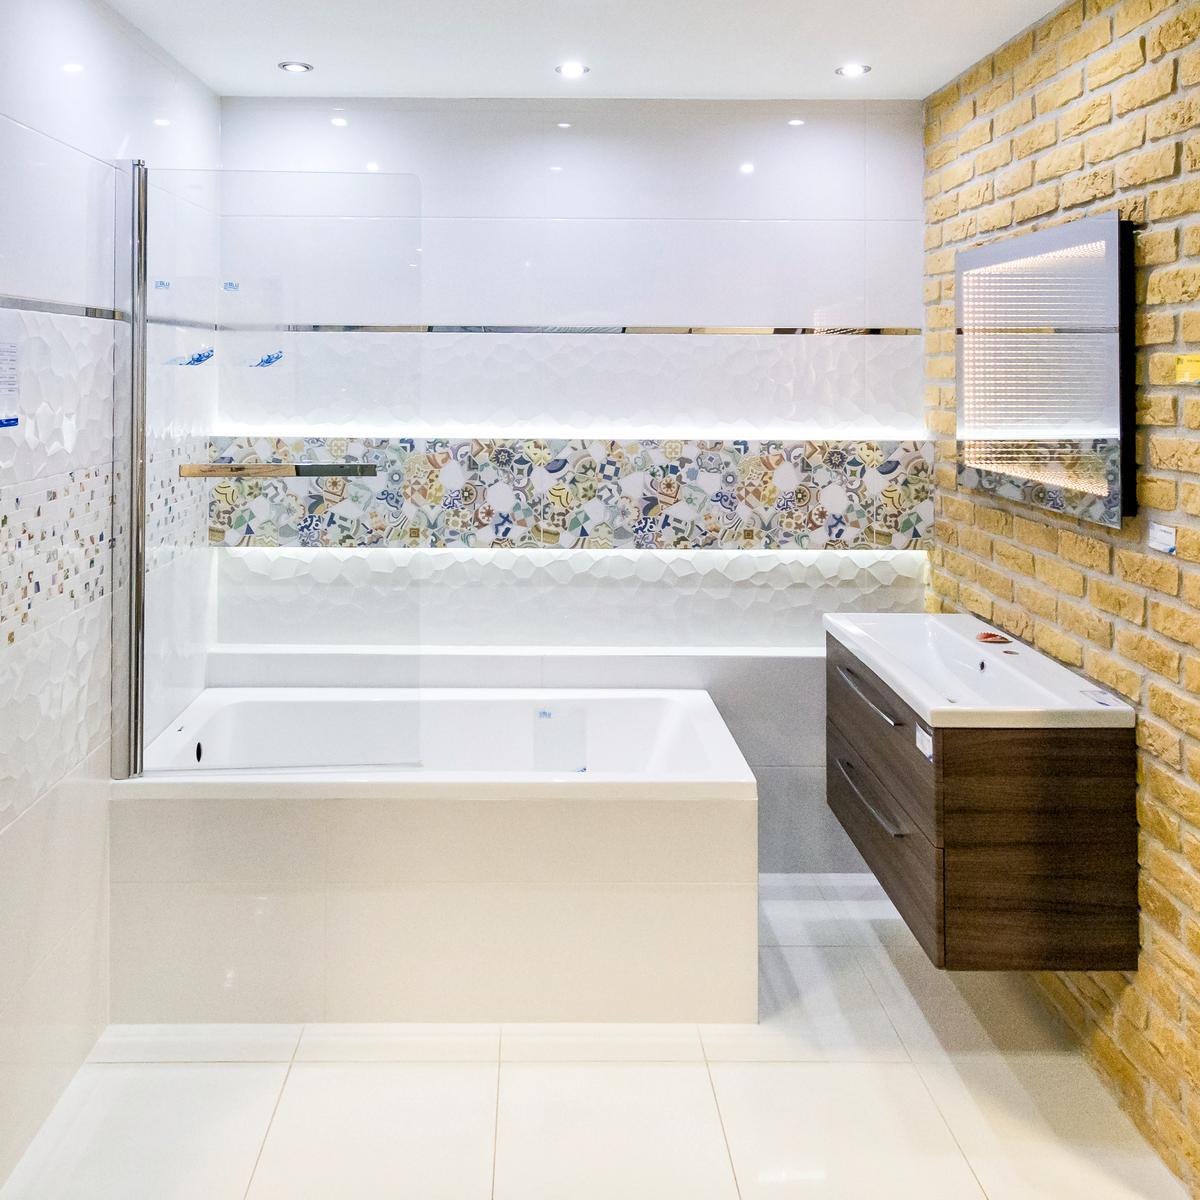 Patchwork i cegła - aranżacja łazienki BLU salon łazienek Włocławek - zdjęcie od BLU salon łazienek Włocławek